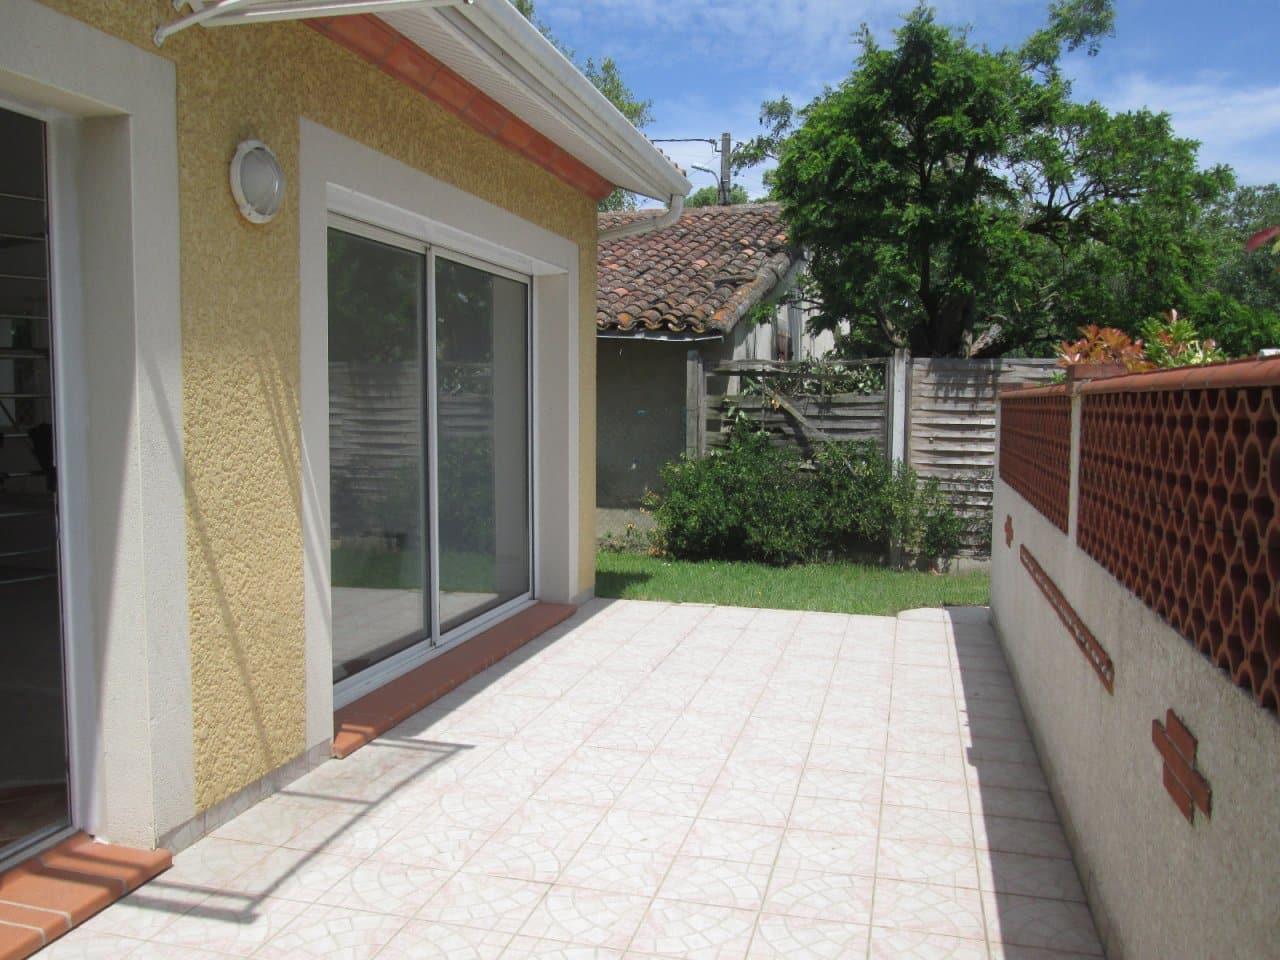 Une maison en location sur toulouse une destination de vacances - Faire des travaux dans une maison ...